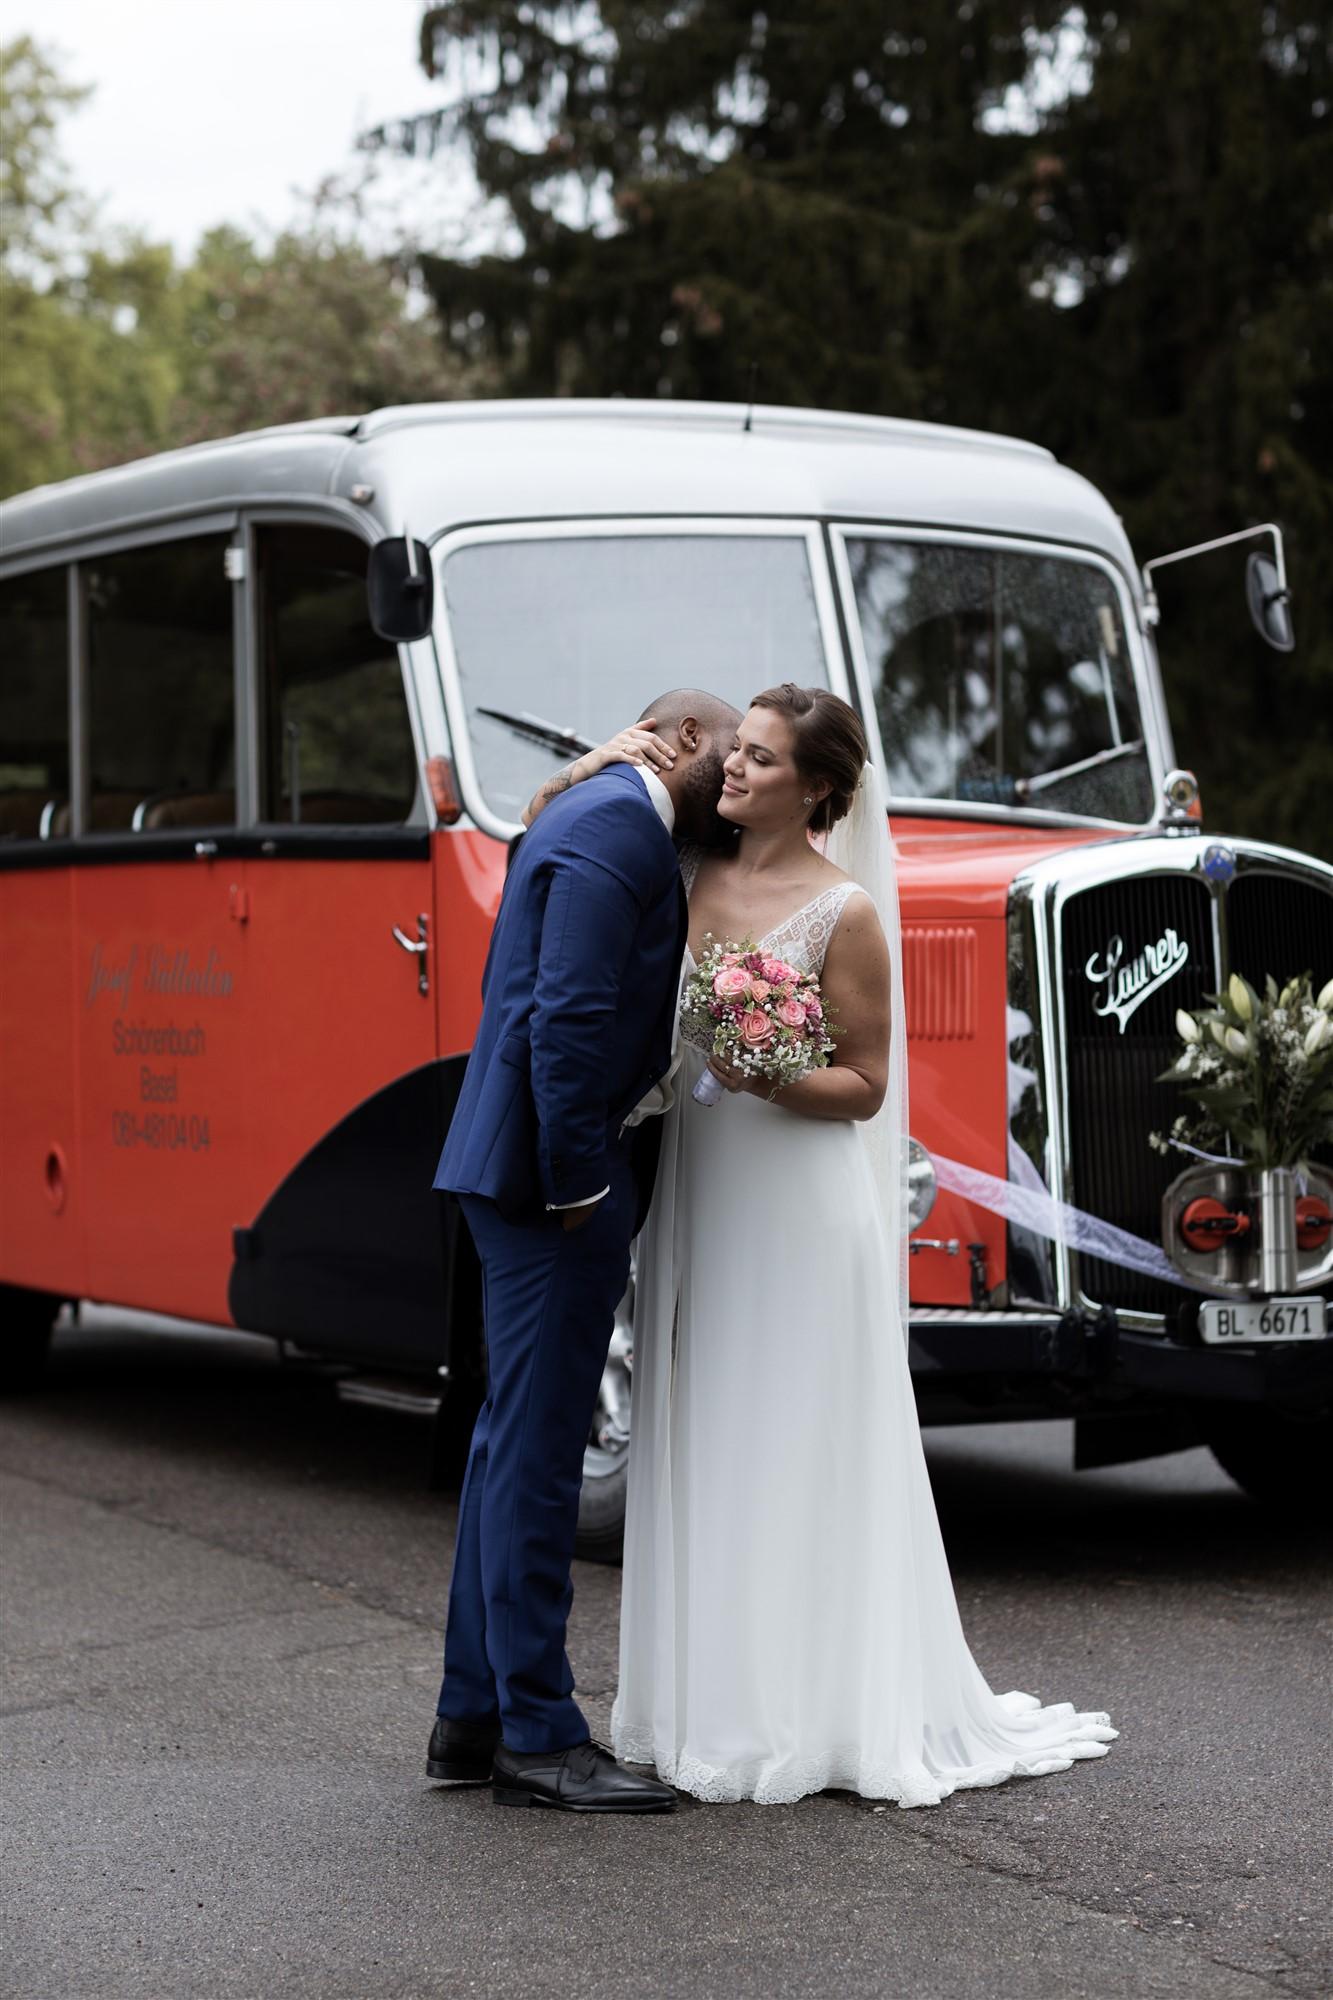 Das Brautpaar und er Hochzeitsbus